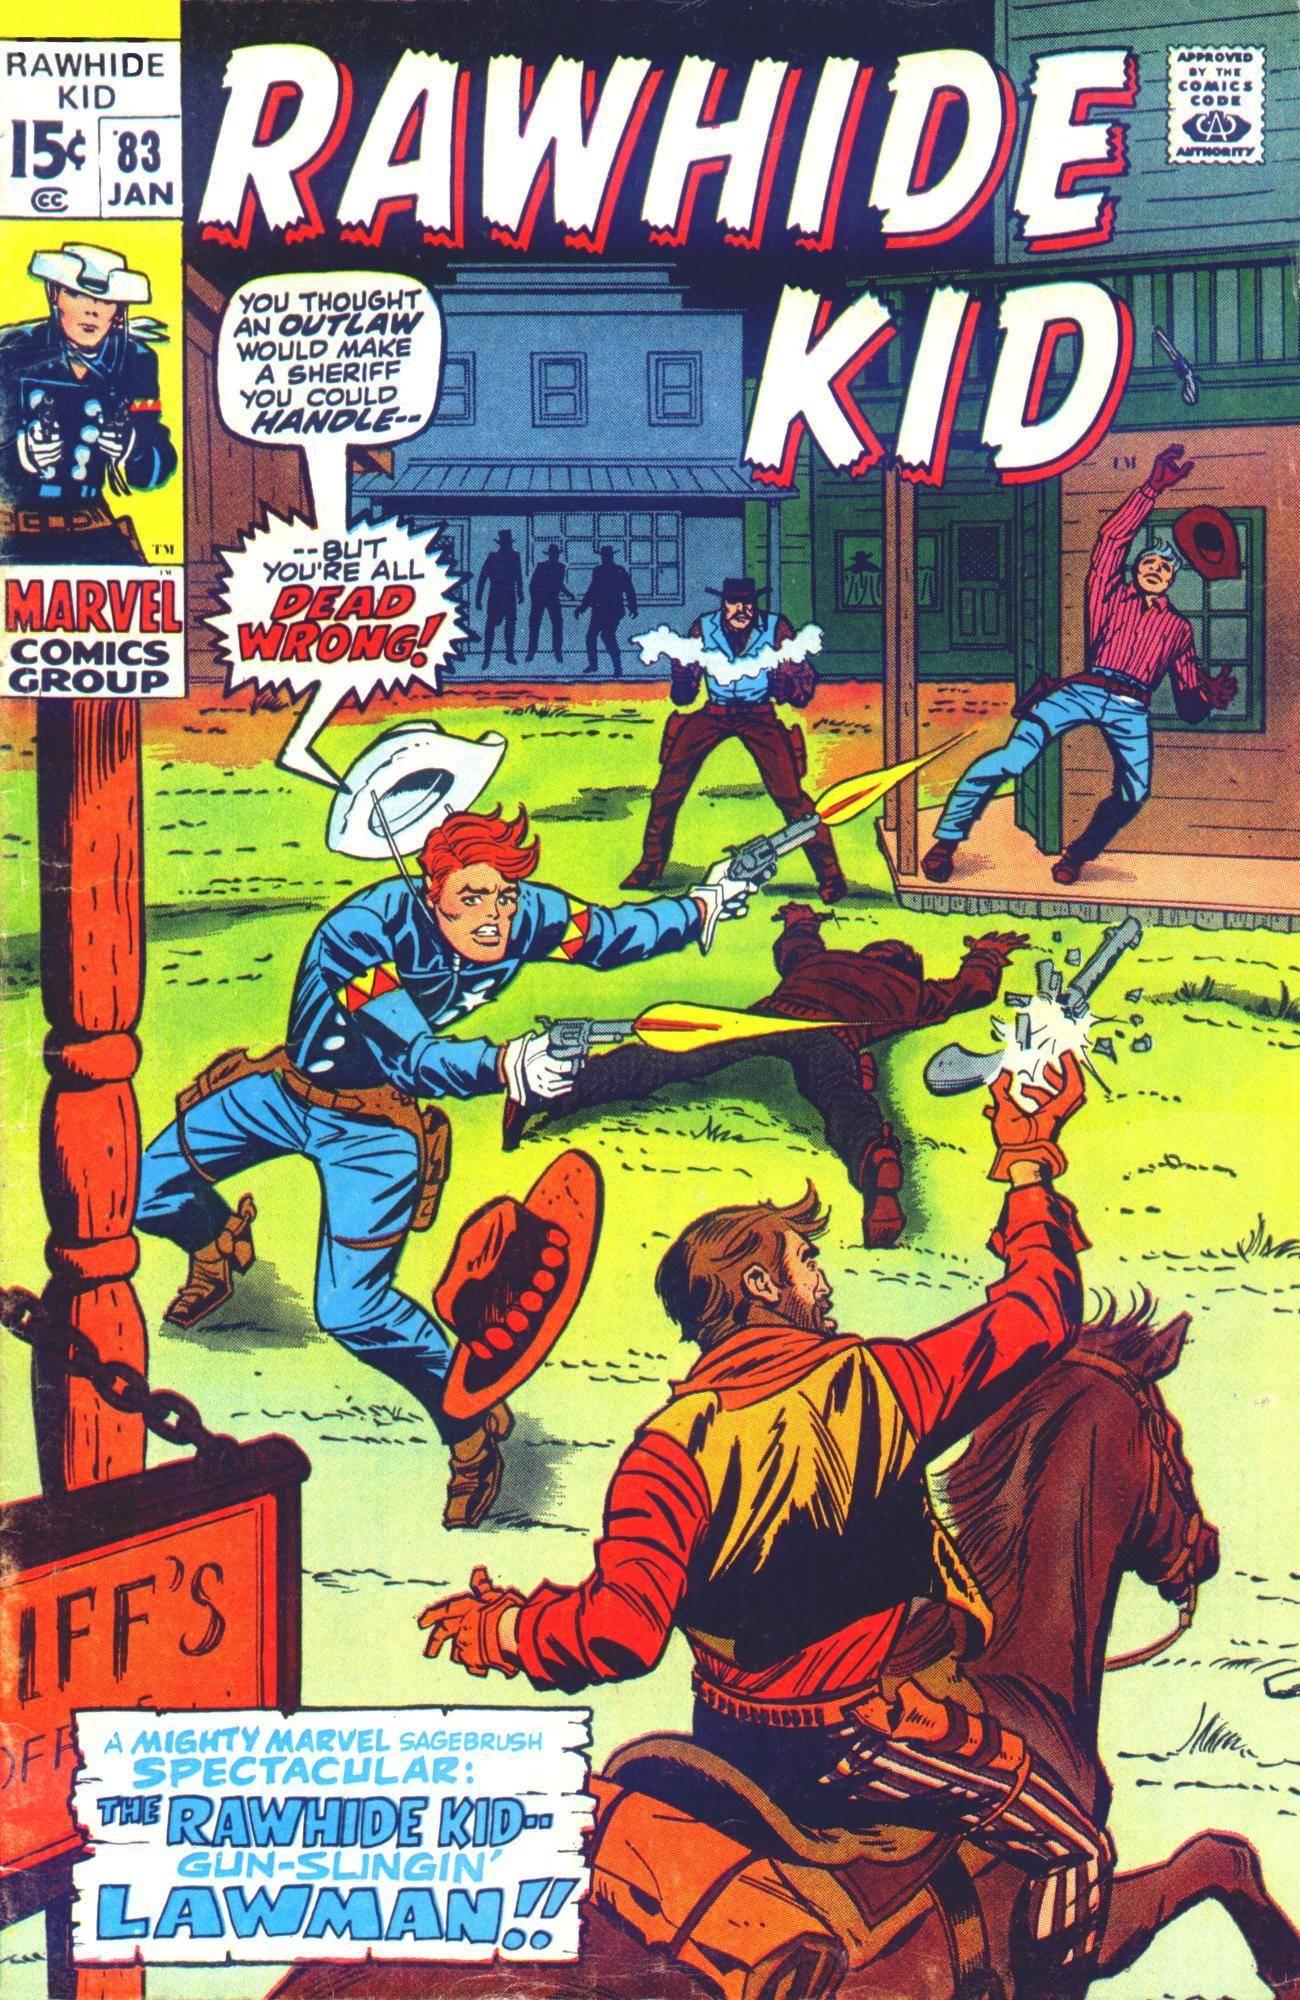 Rawhide Kid v1 083 1971